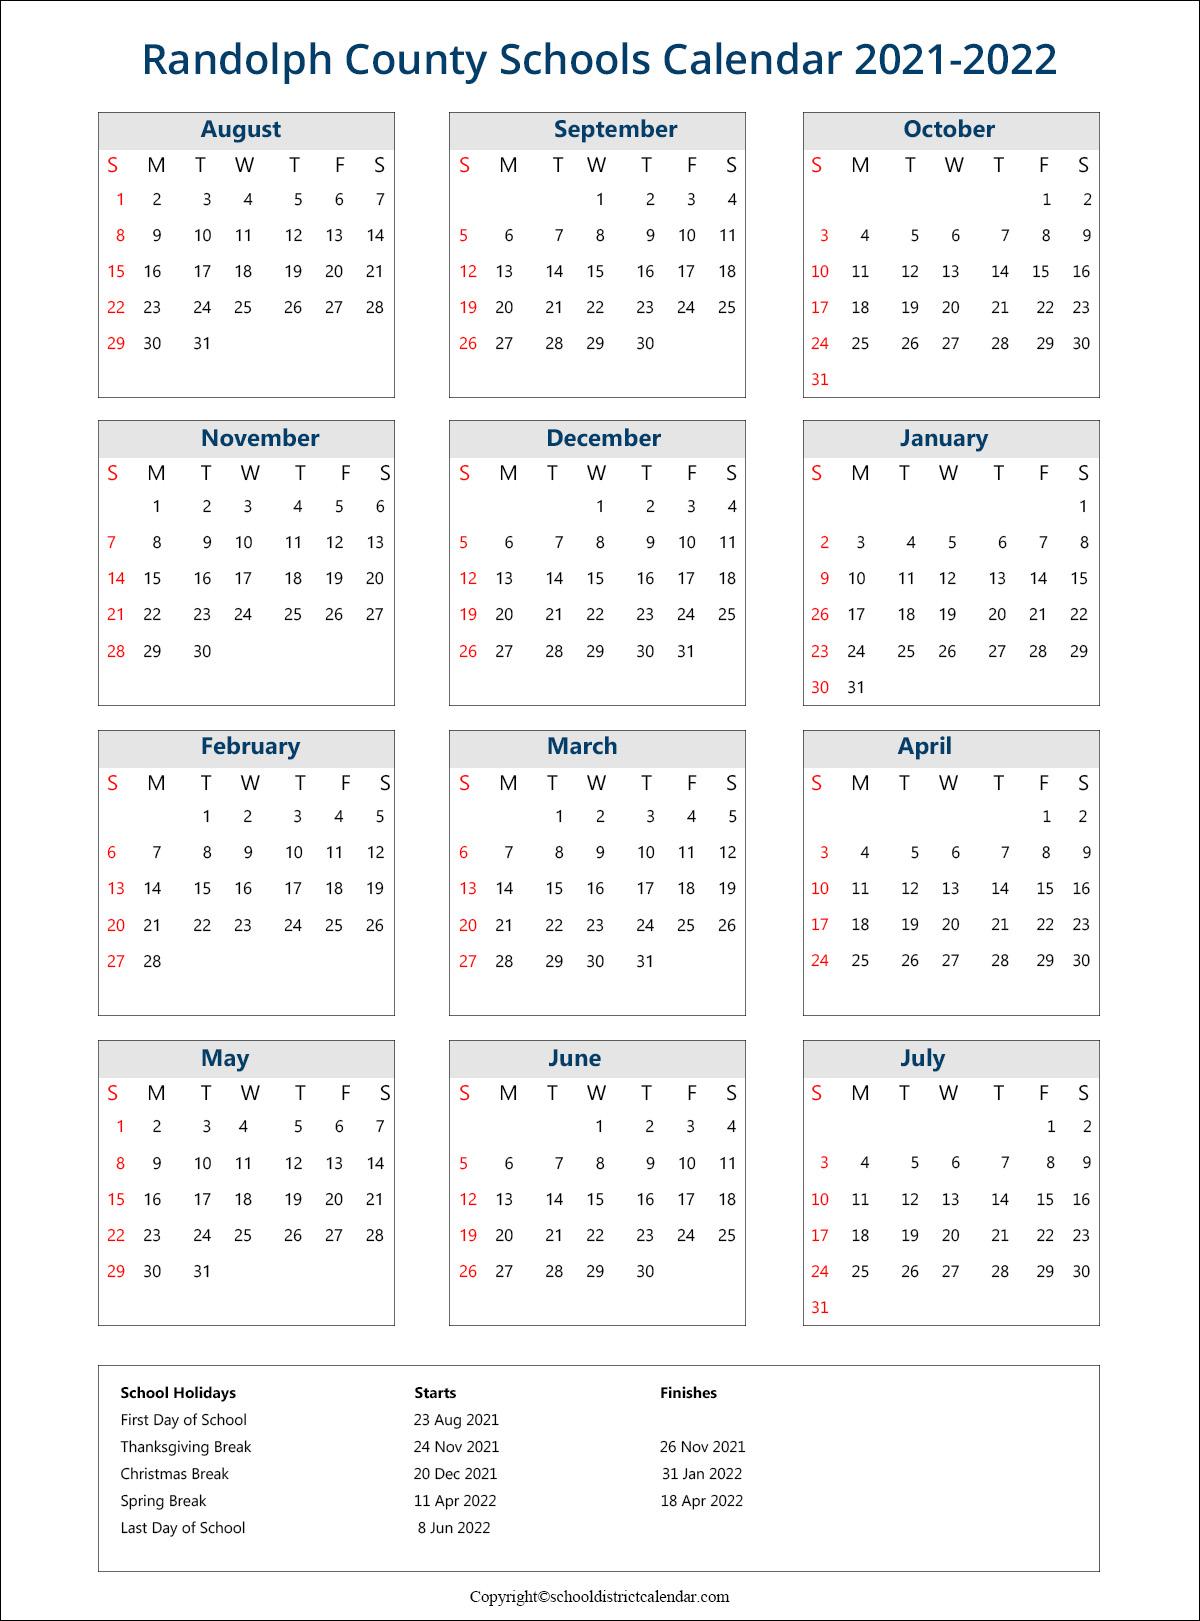 Randolph County Schools Calendar 2021